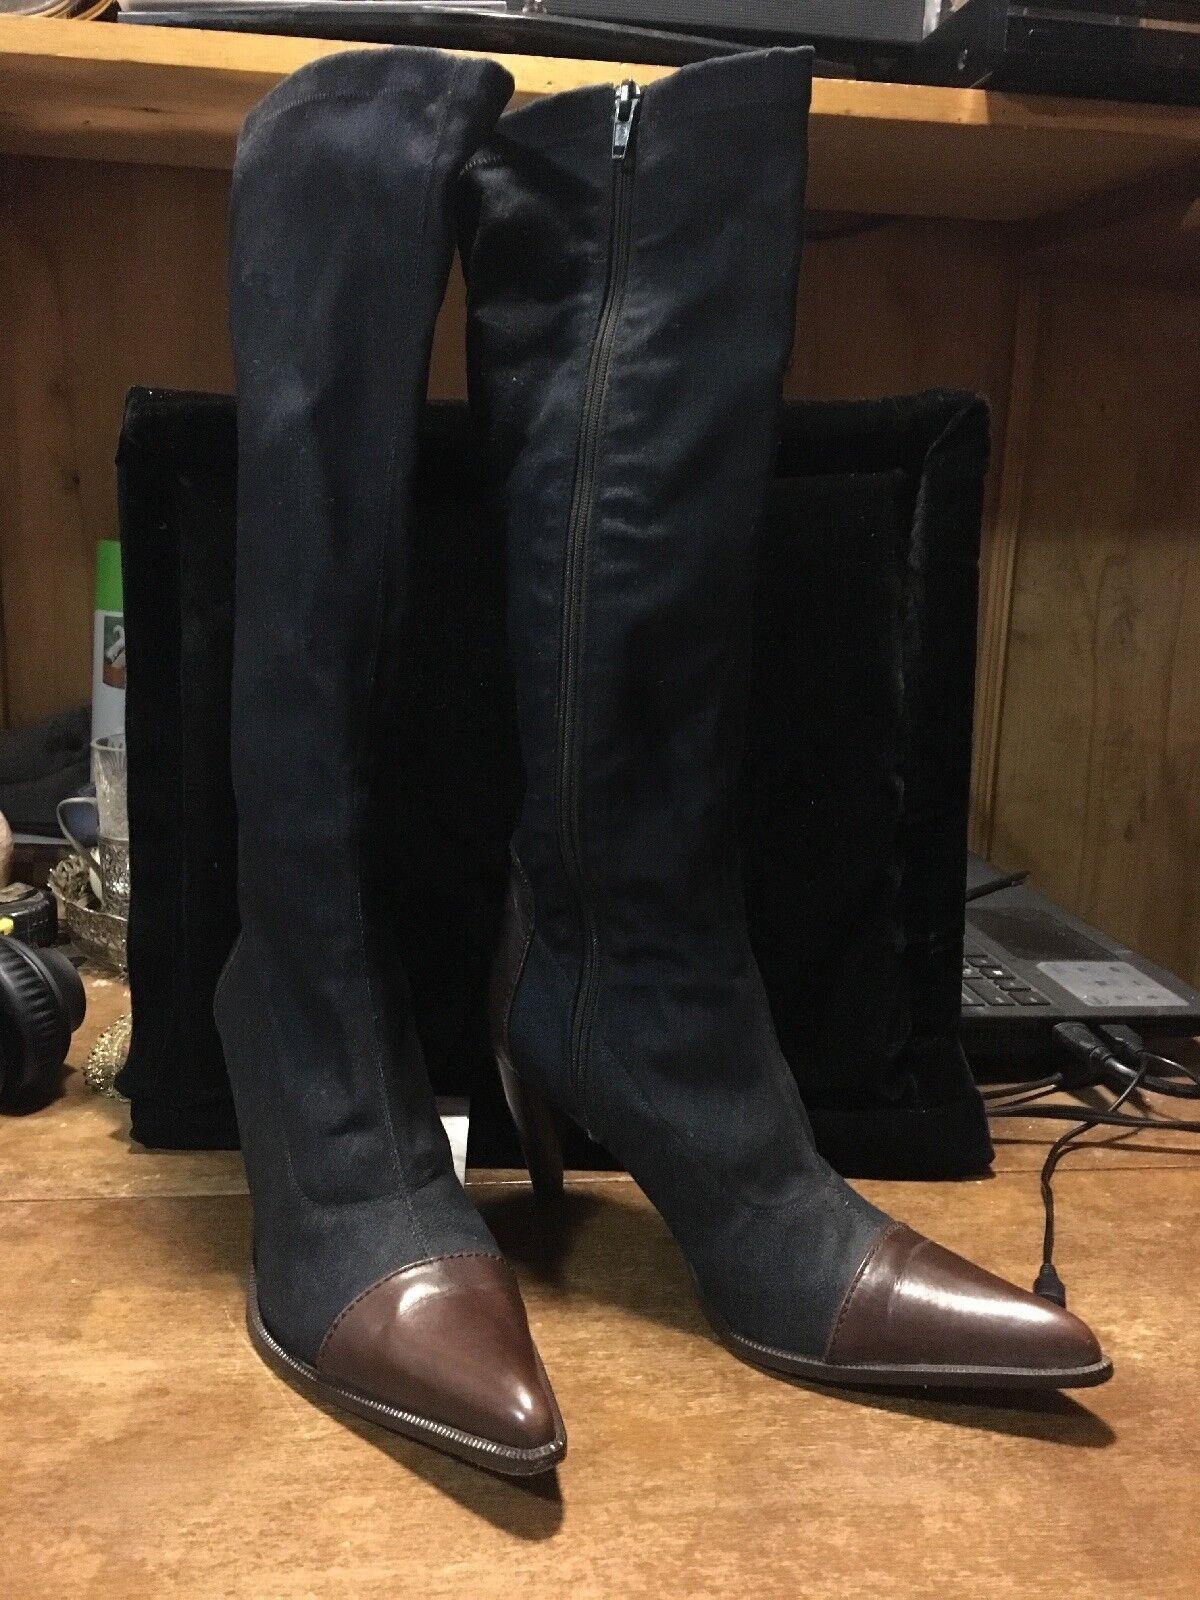 Gaston's Lucioli Privilege woman boots